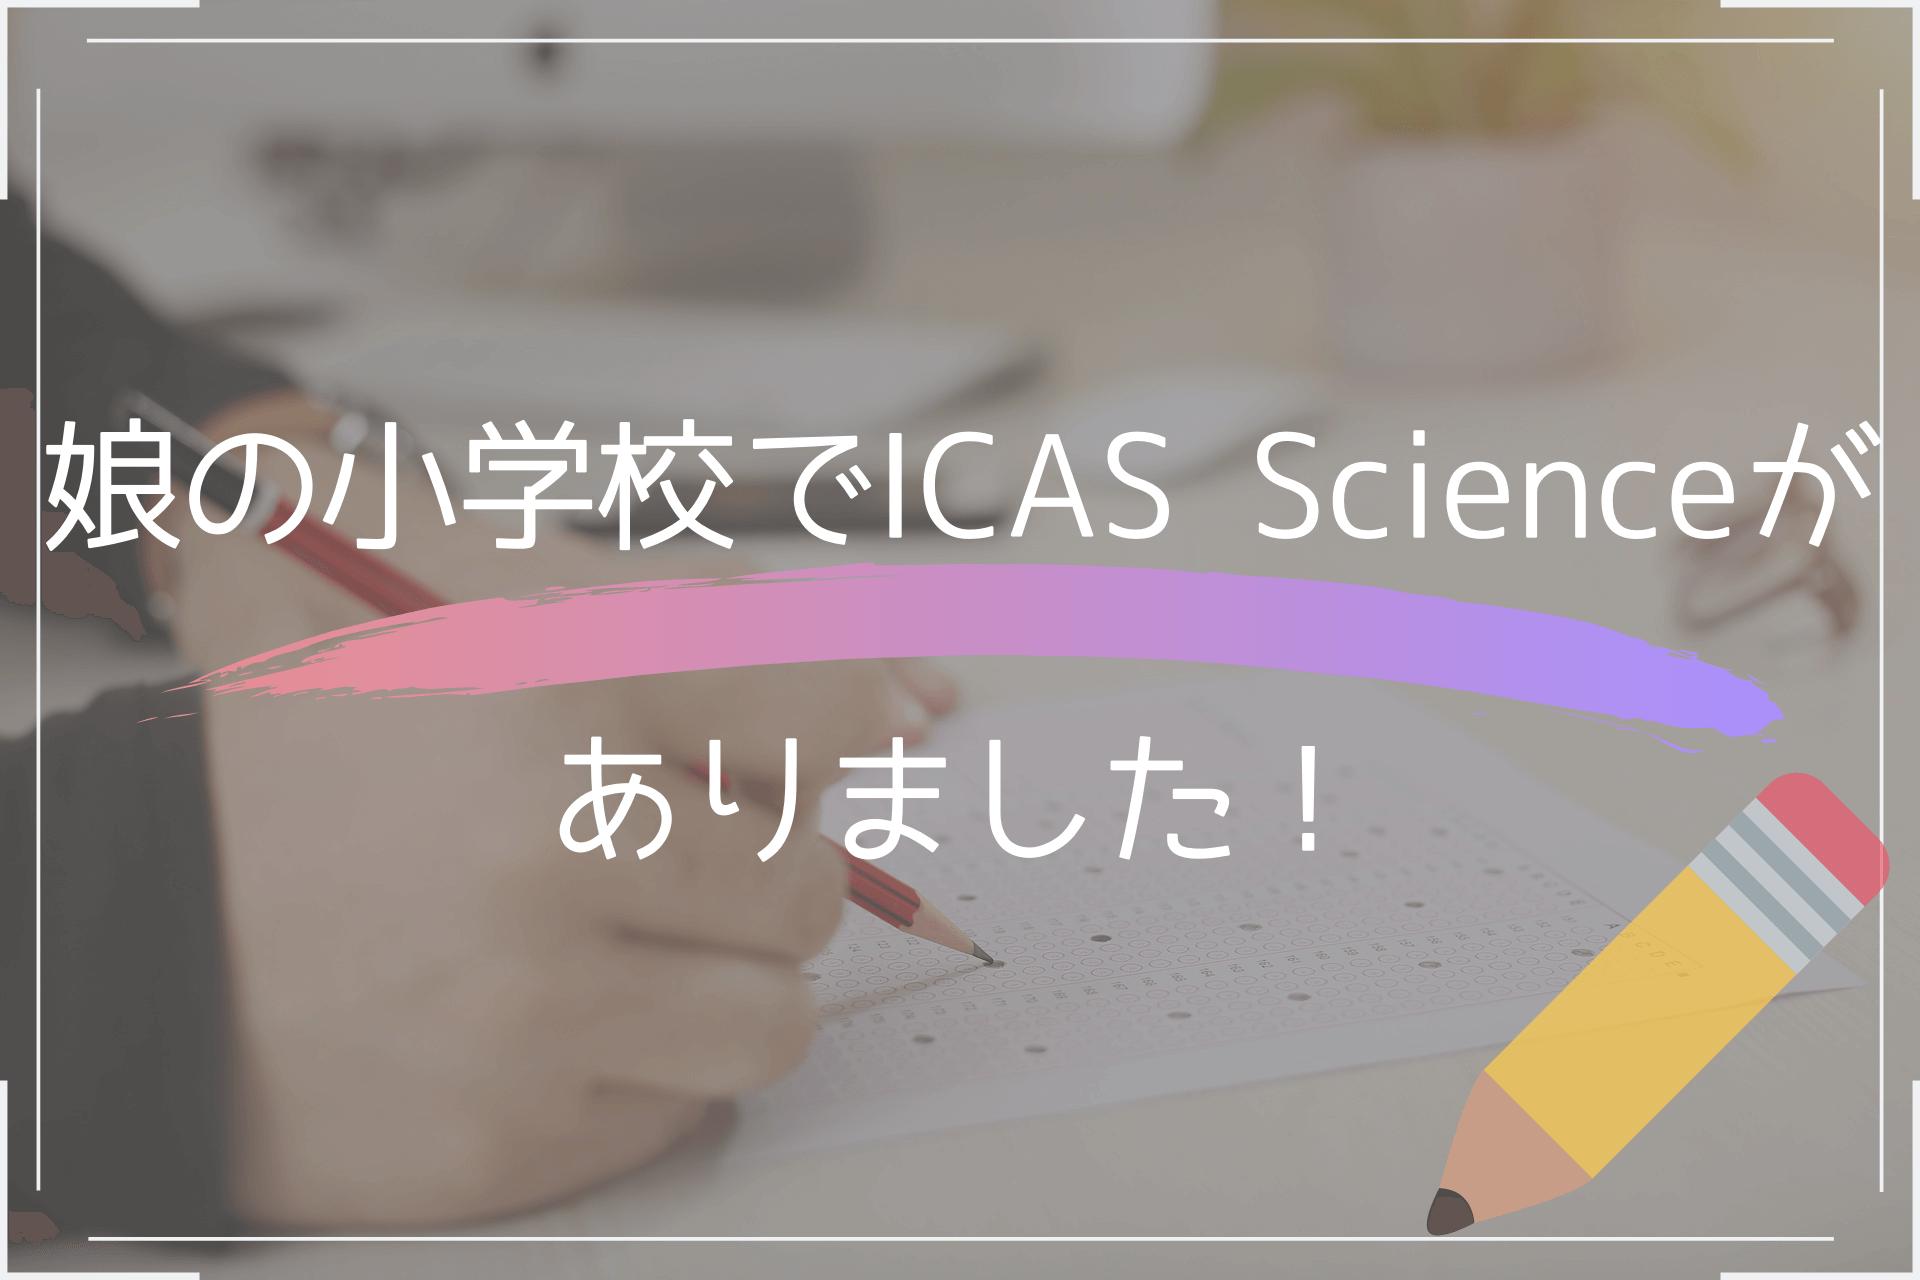 娘の小学校でICAS Scienceがありました! (1)